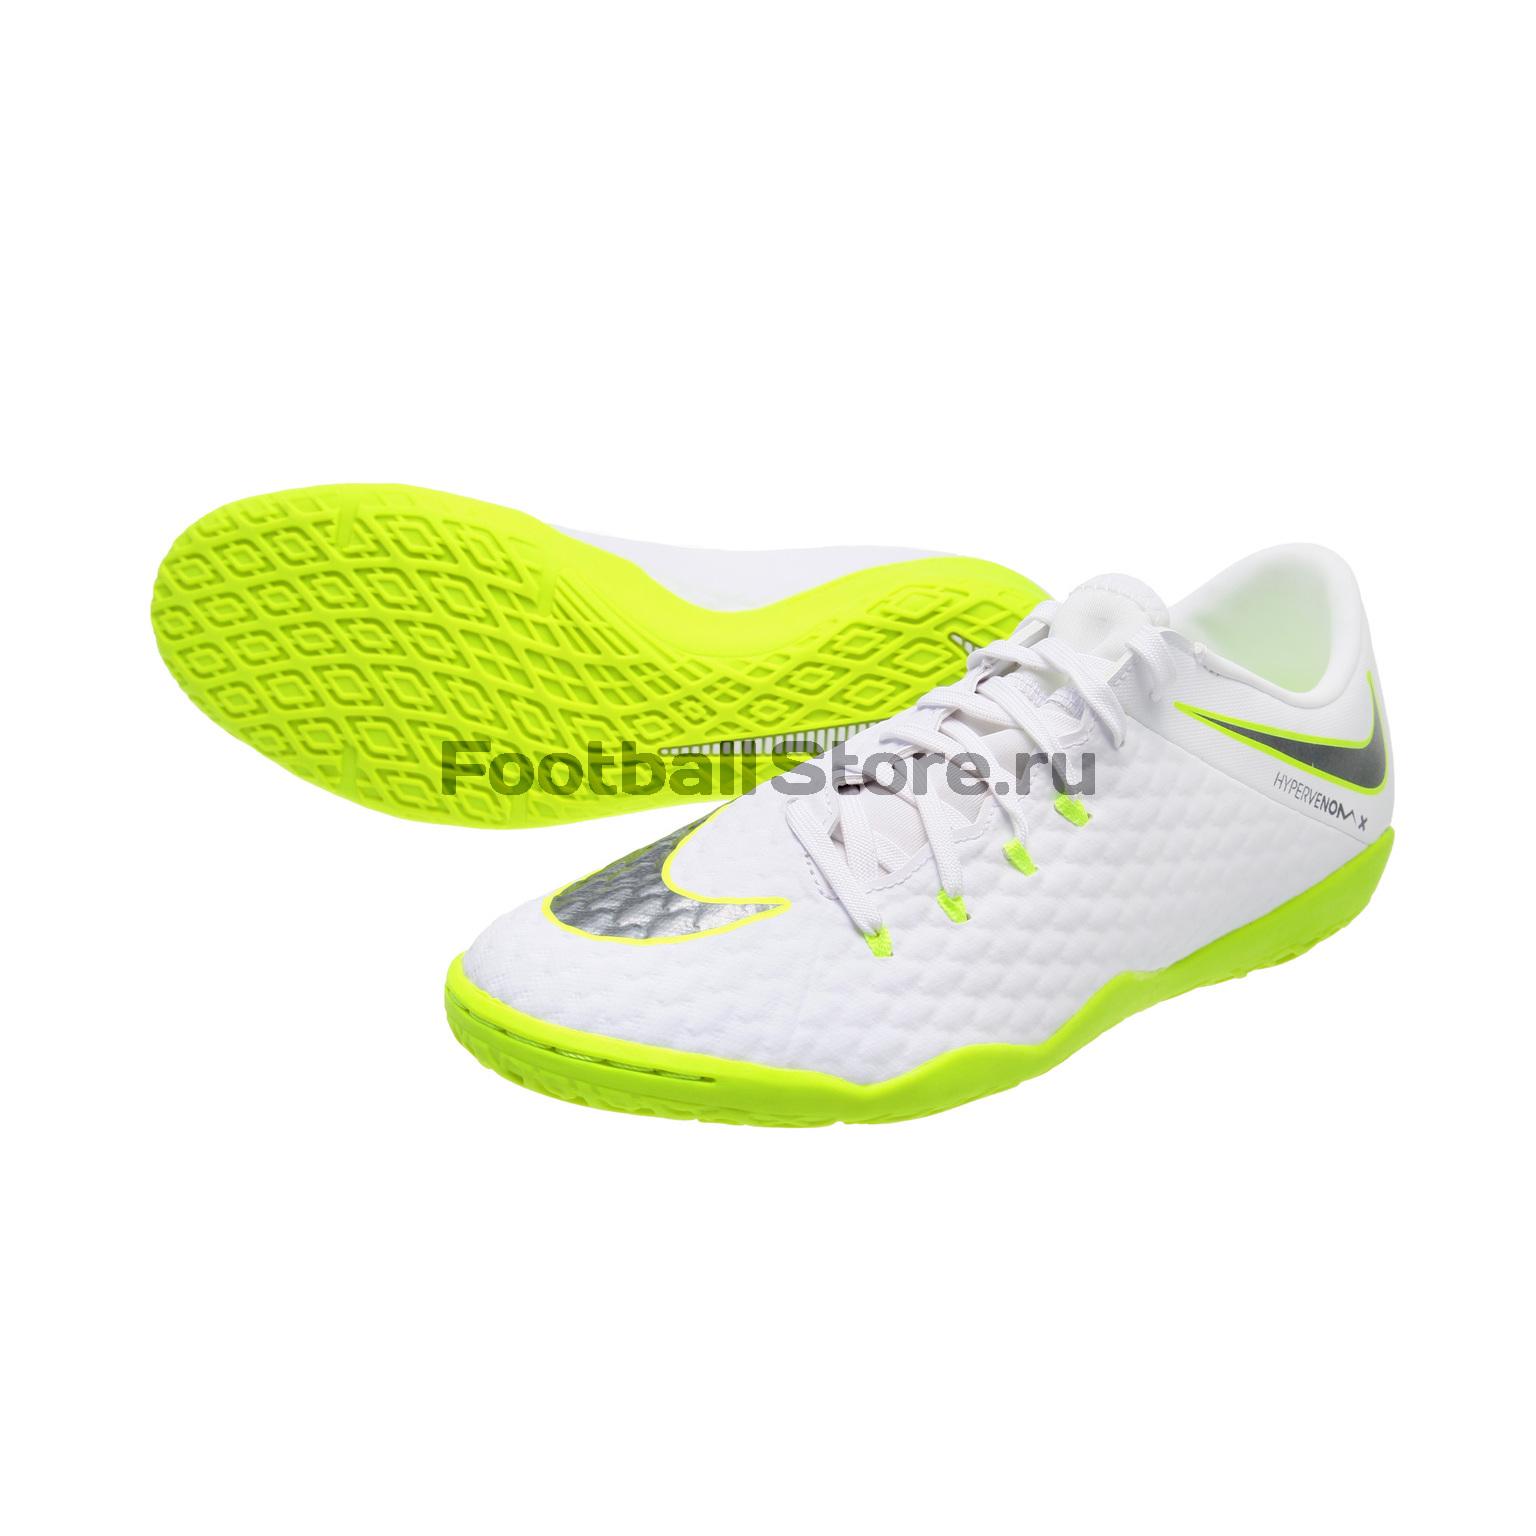 Обувь для зала Nike Hypervenom 3 Academy IC AJ3814-107